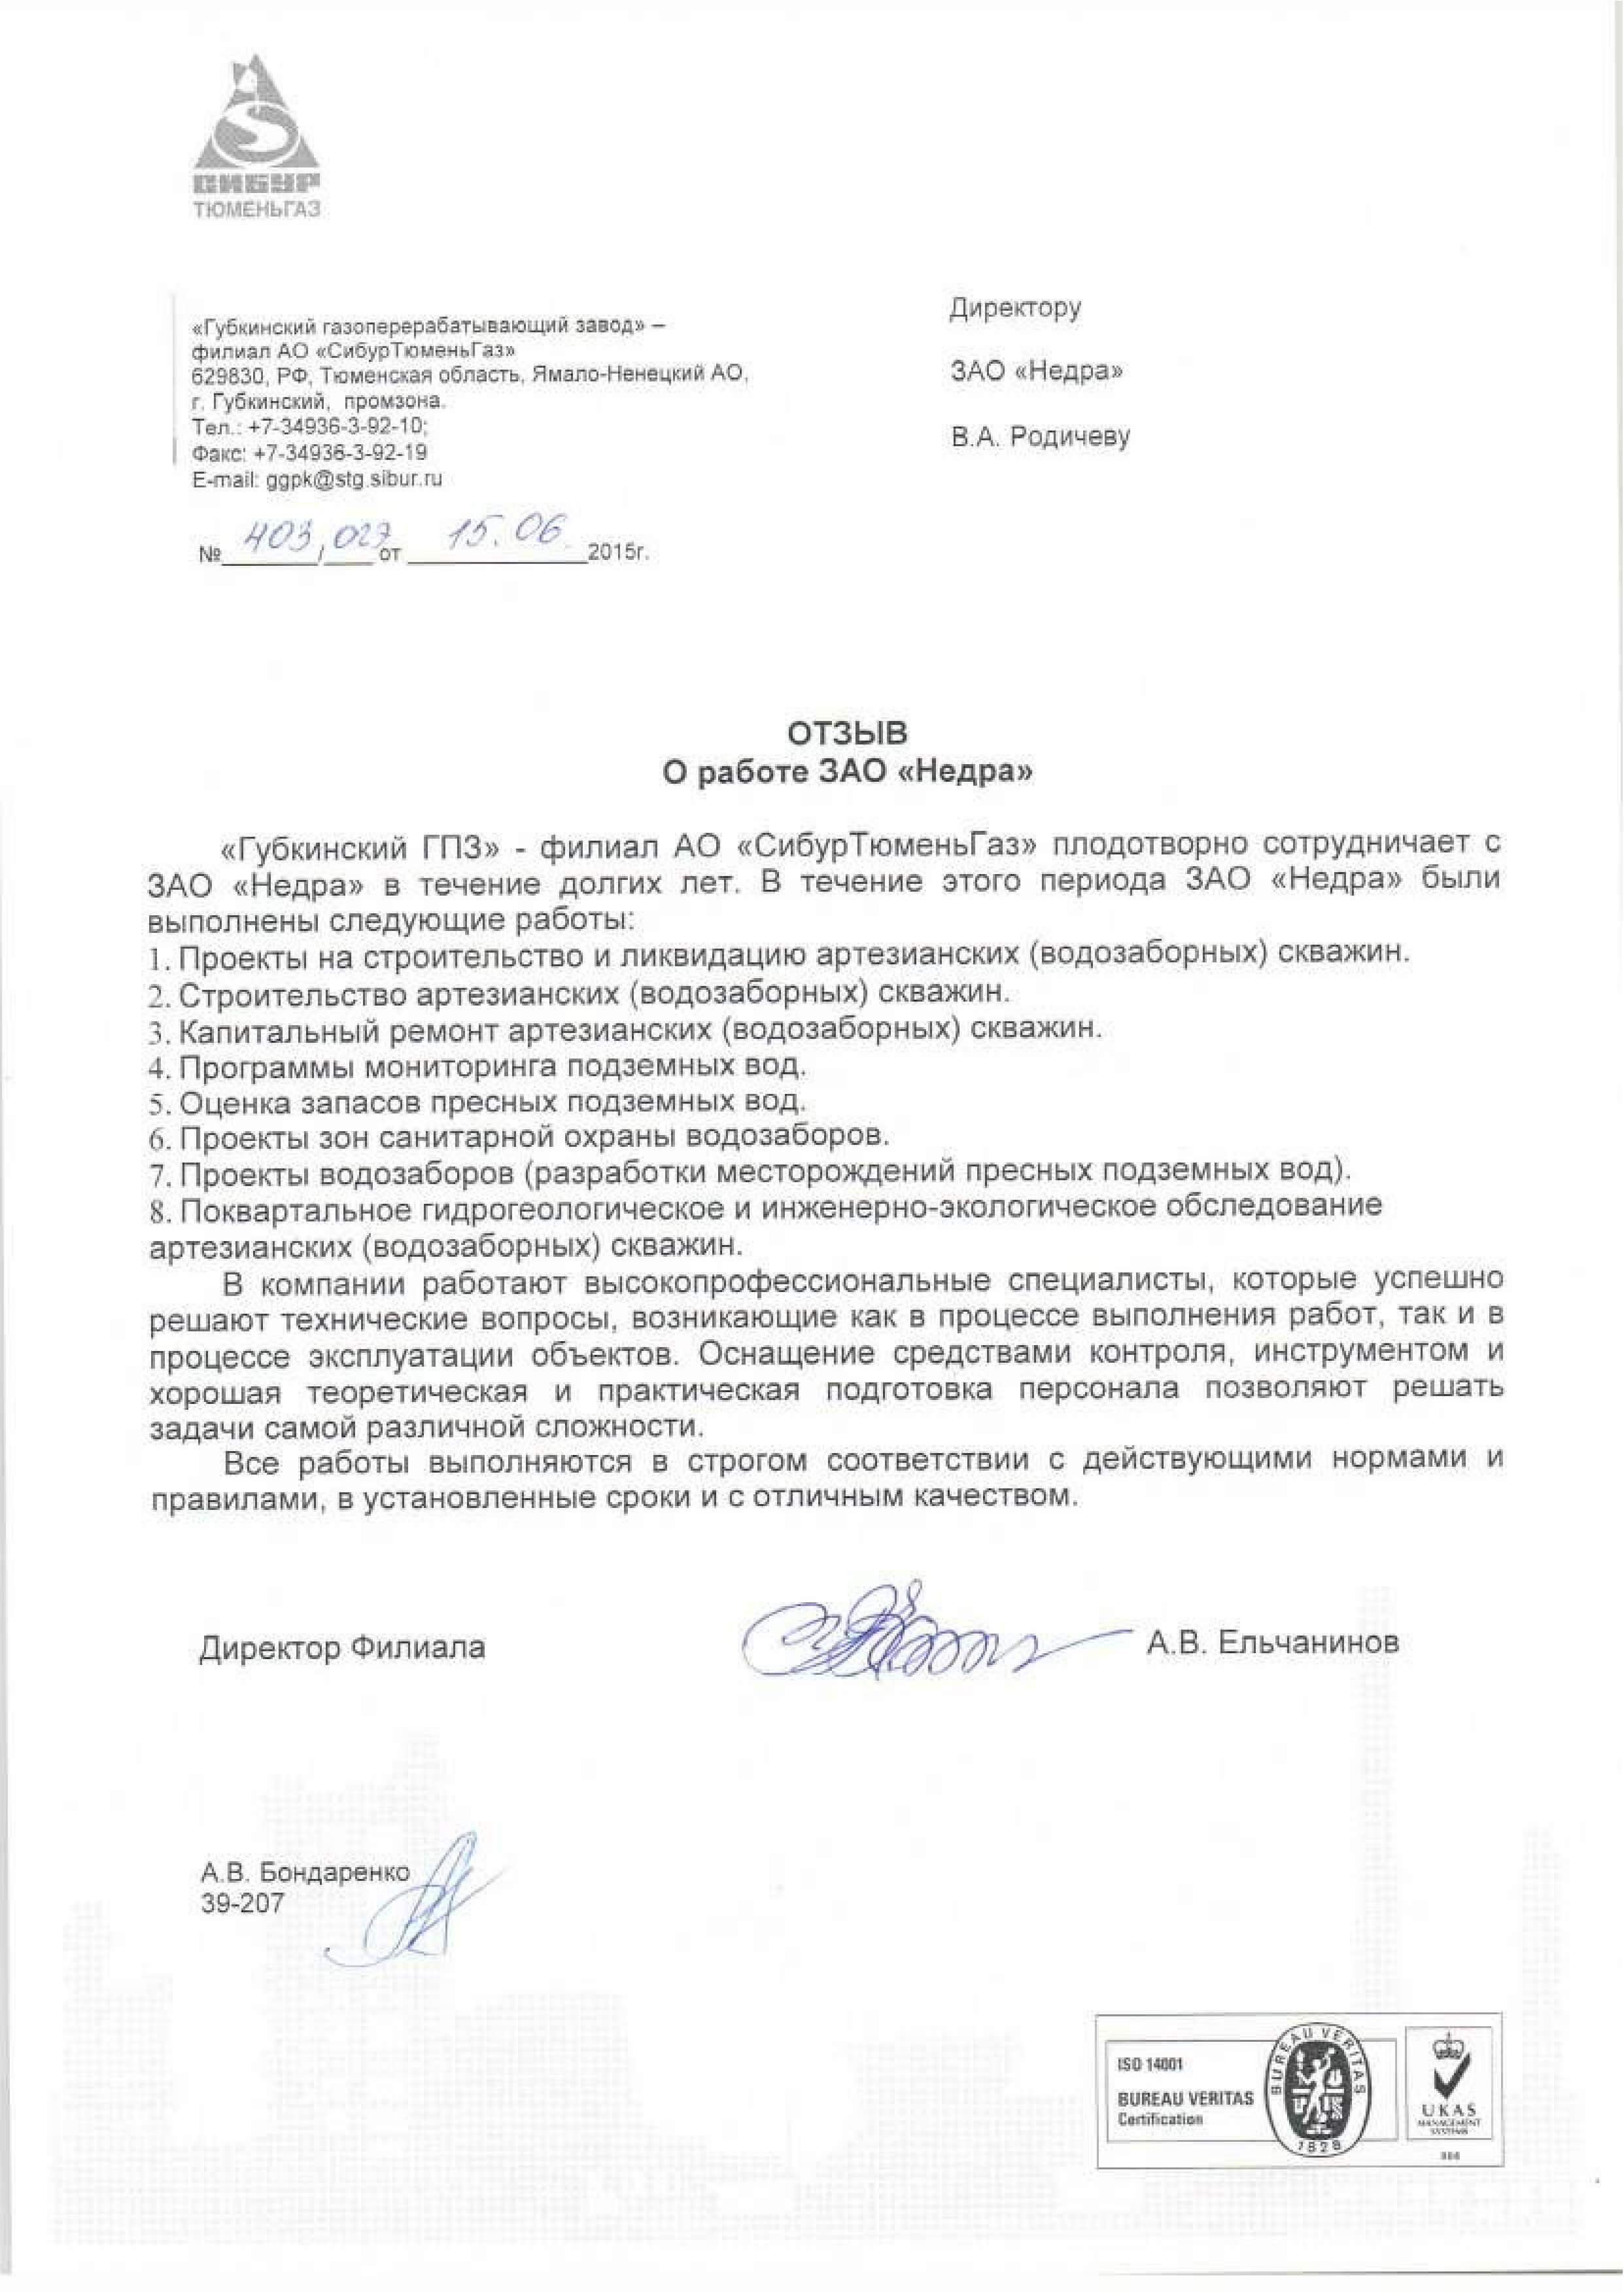 Отзыв от АО СибурТюменьГаз